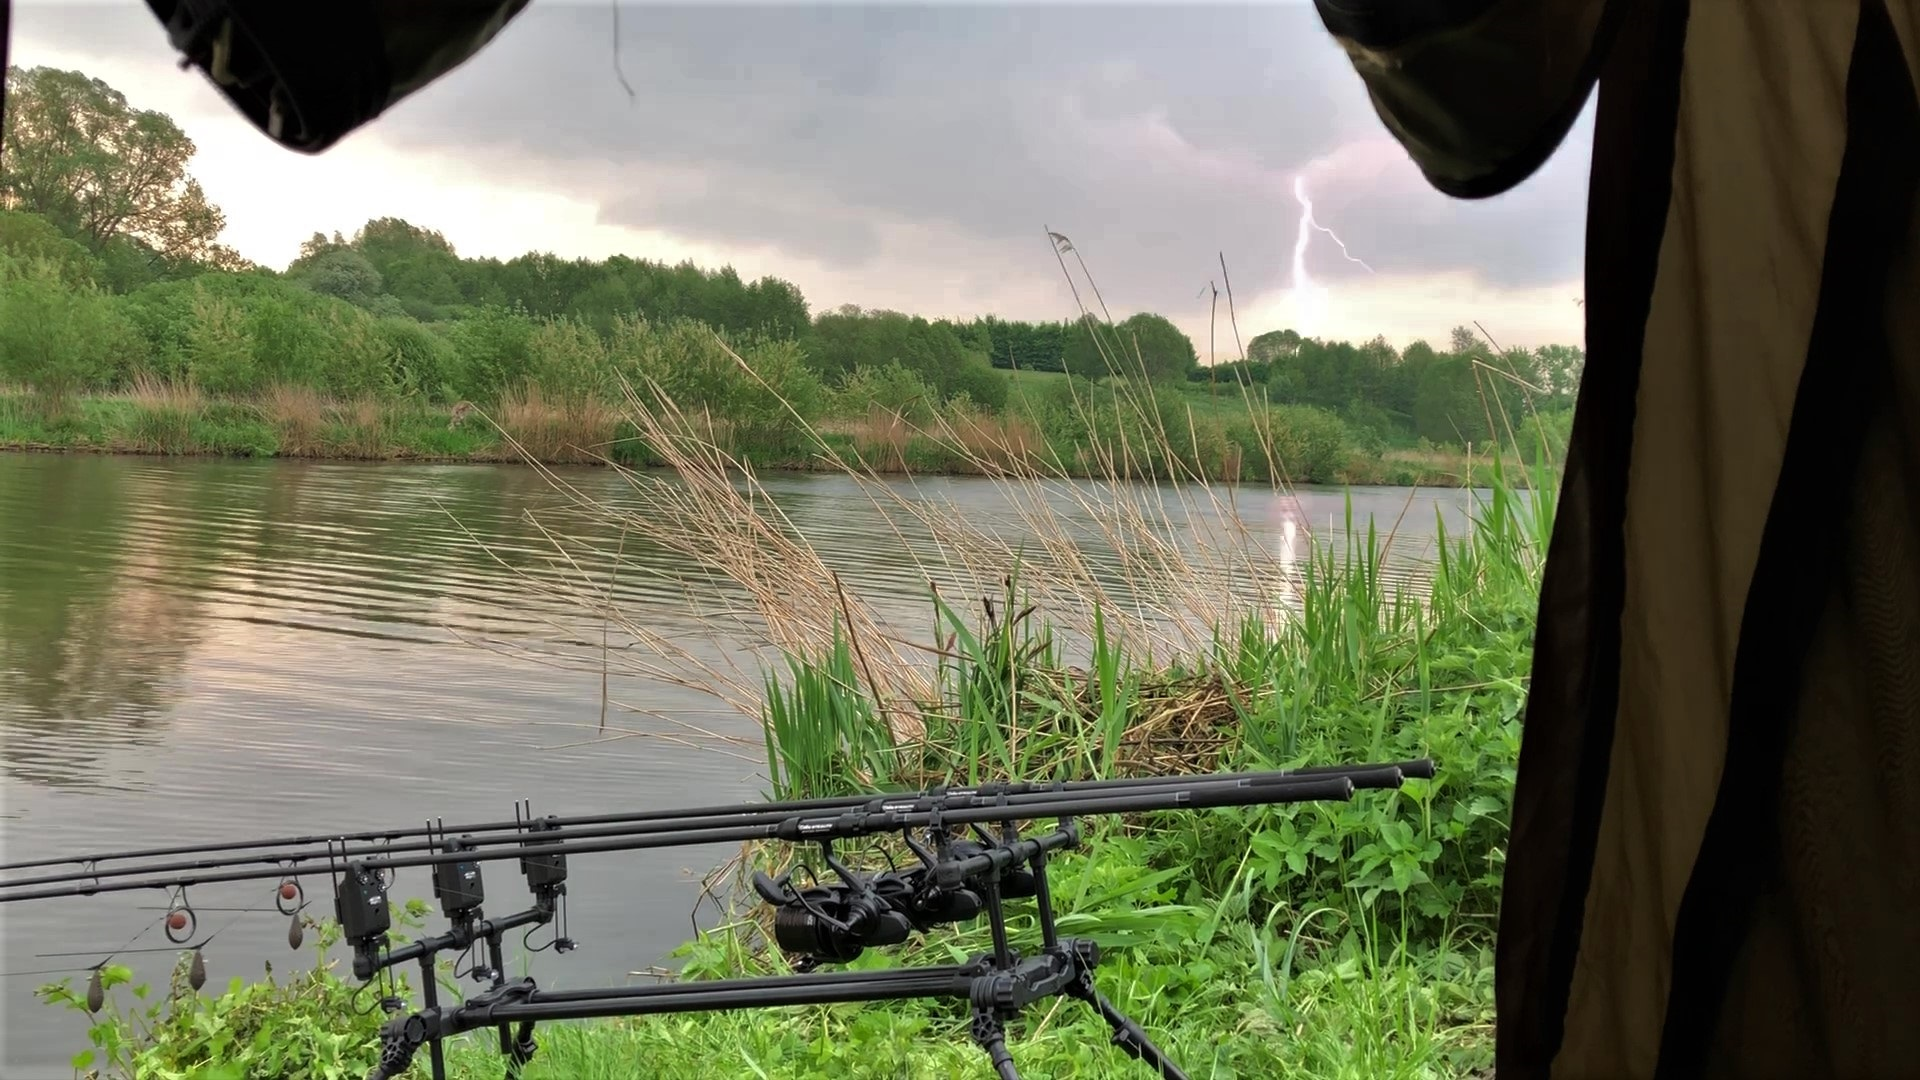 Die Blitze erhellen den Himmel. Hier hat Jesco die Montagen eingeholt, weil er nicht im Gewitter einen Fisch drillen will. Doch kurz nach dem Unwetter begann die Beißzeit der Karpfen